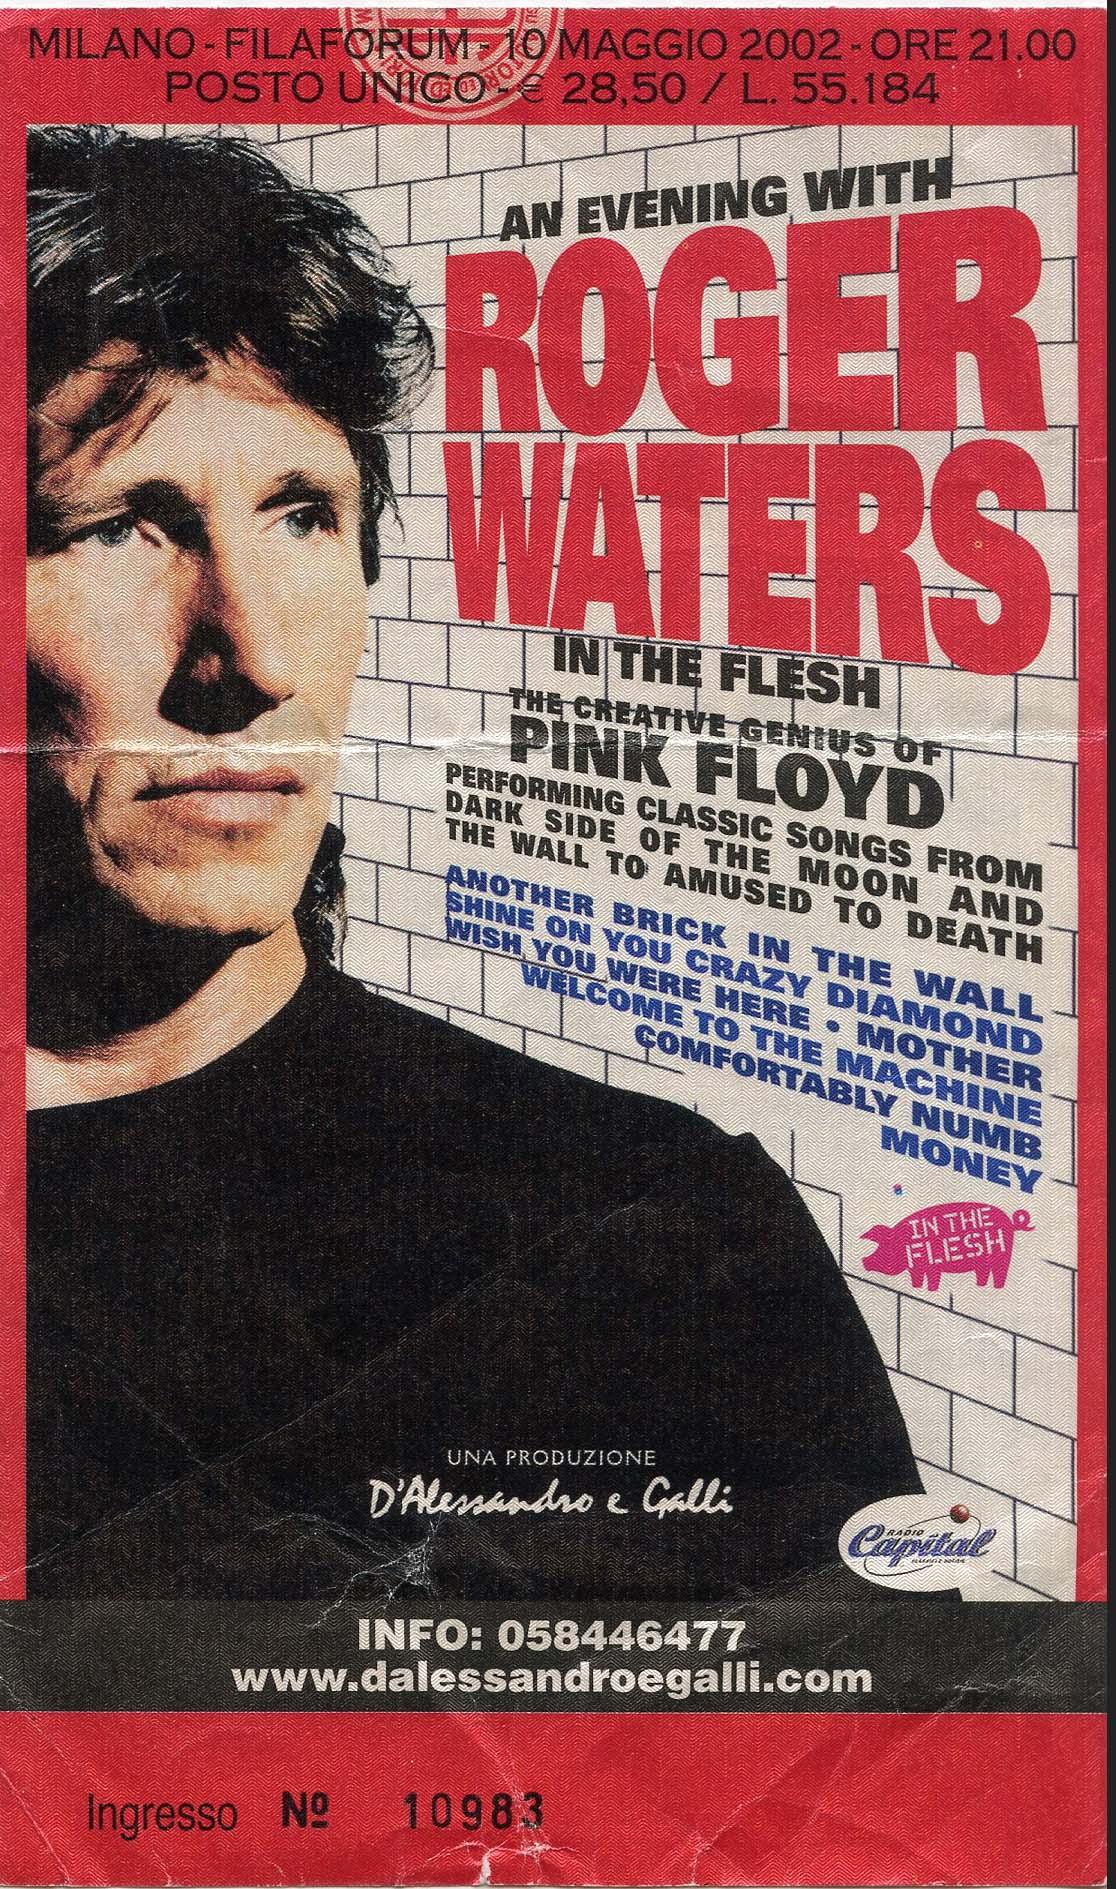 Roger Waters 10.05.2002, Assago (Mi), Filaforum